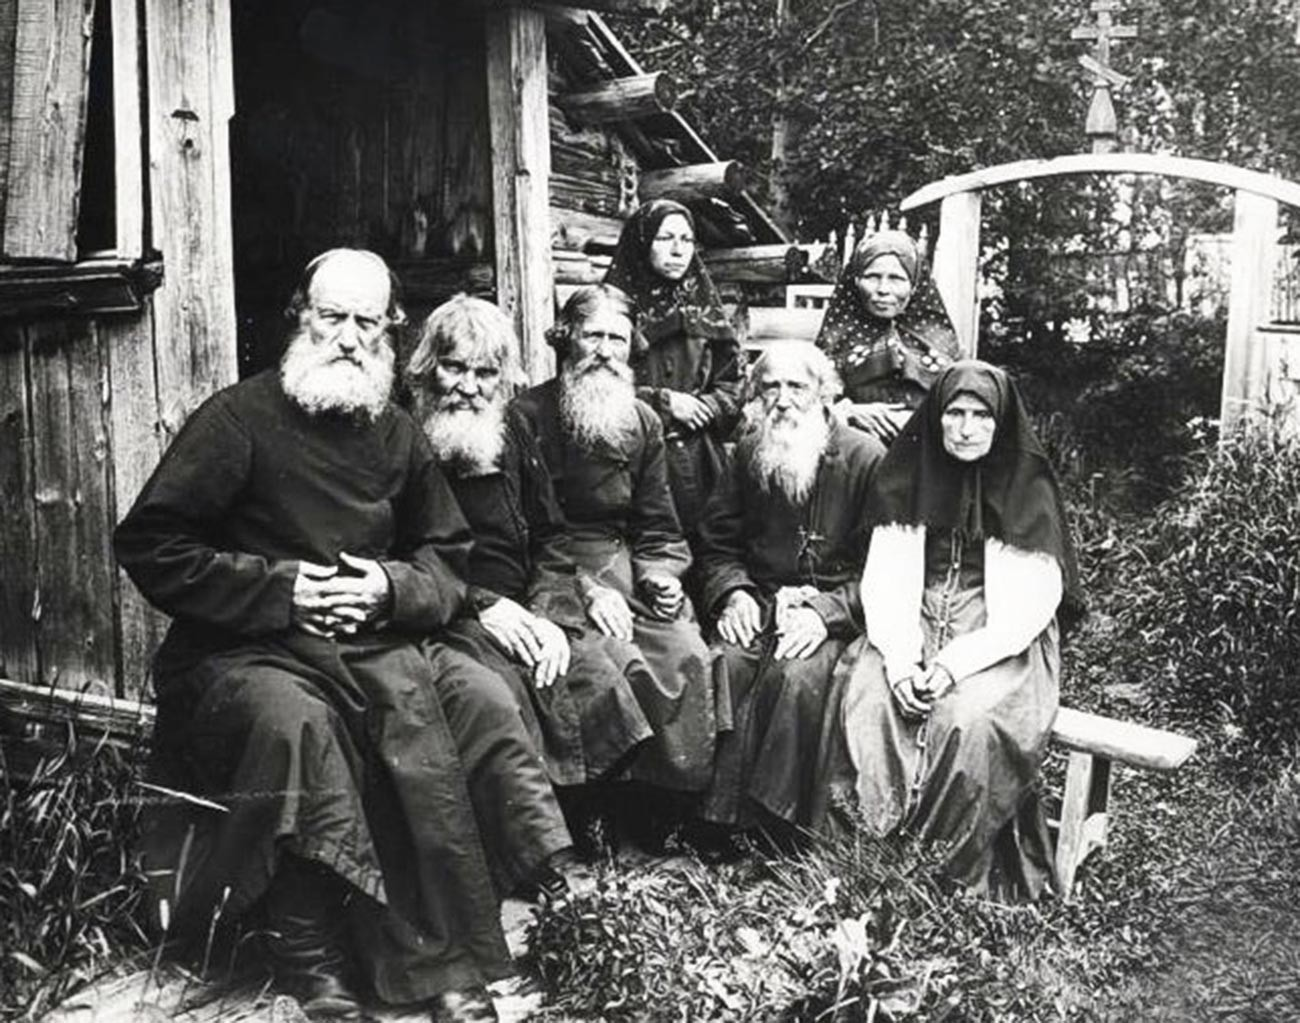 Un groupe de vieux croyants au XIXe siècle